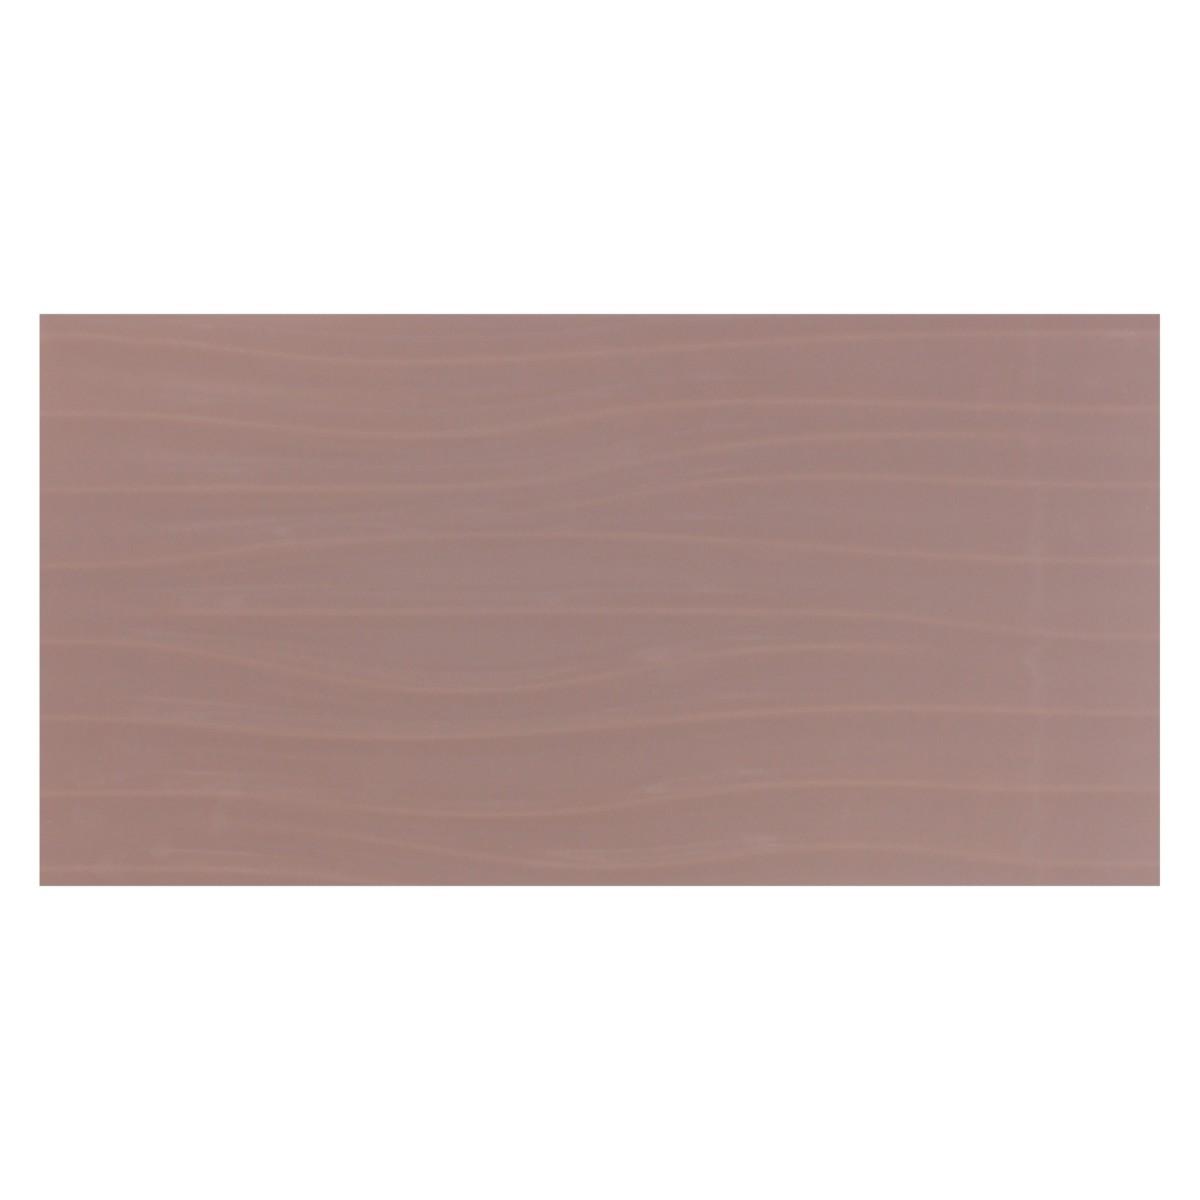 Плитка настенная Дюна 4Т 60x30 см 1.98 м² цвет коричневый